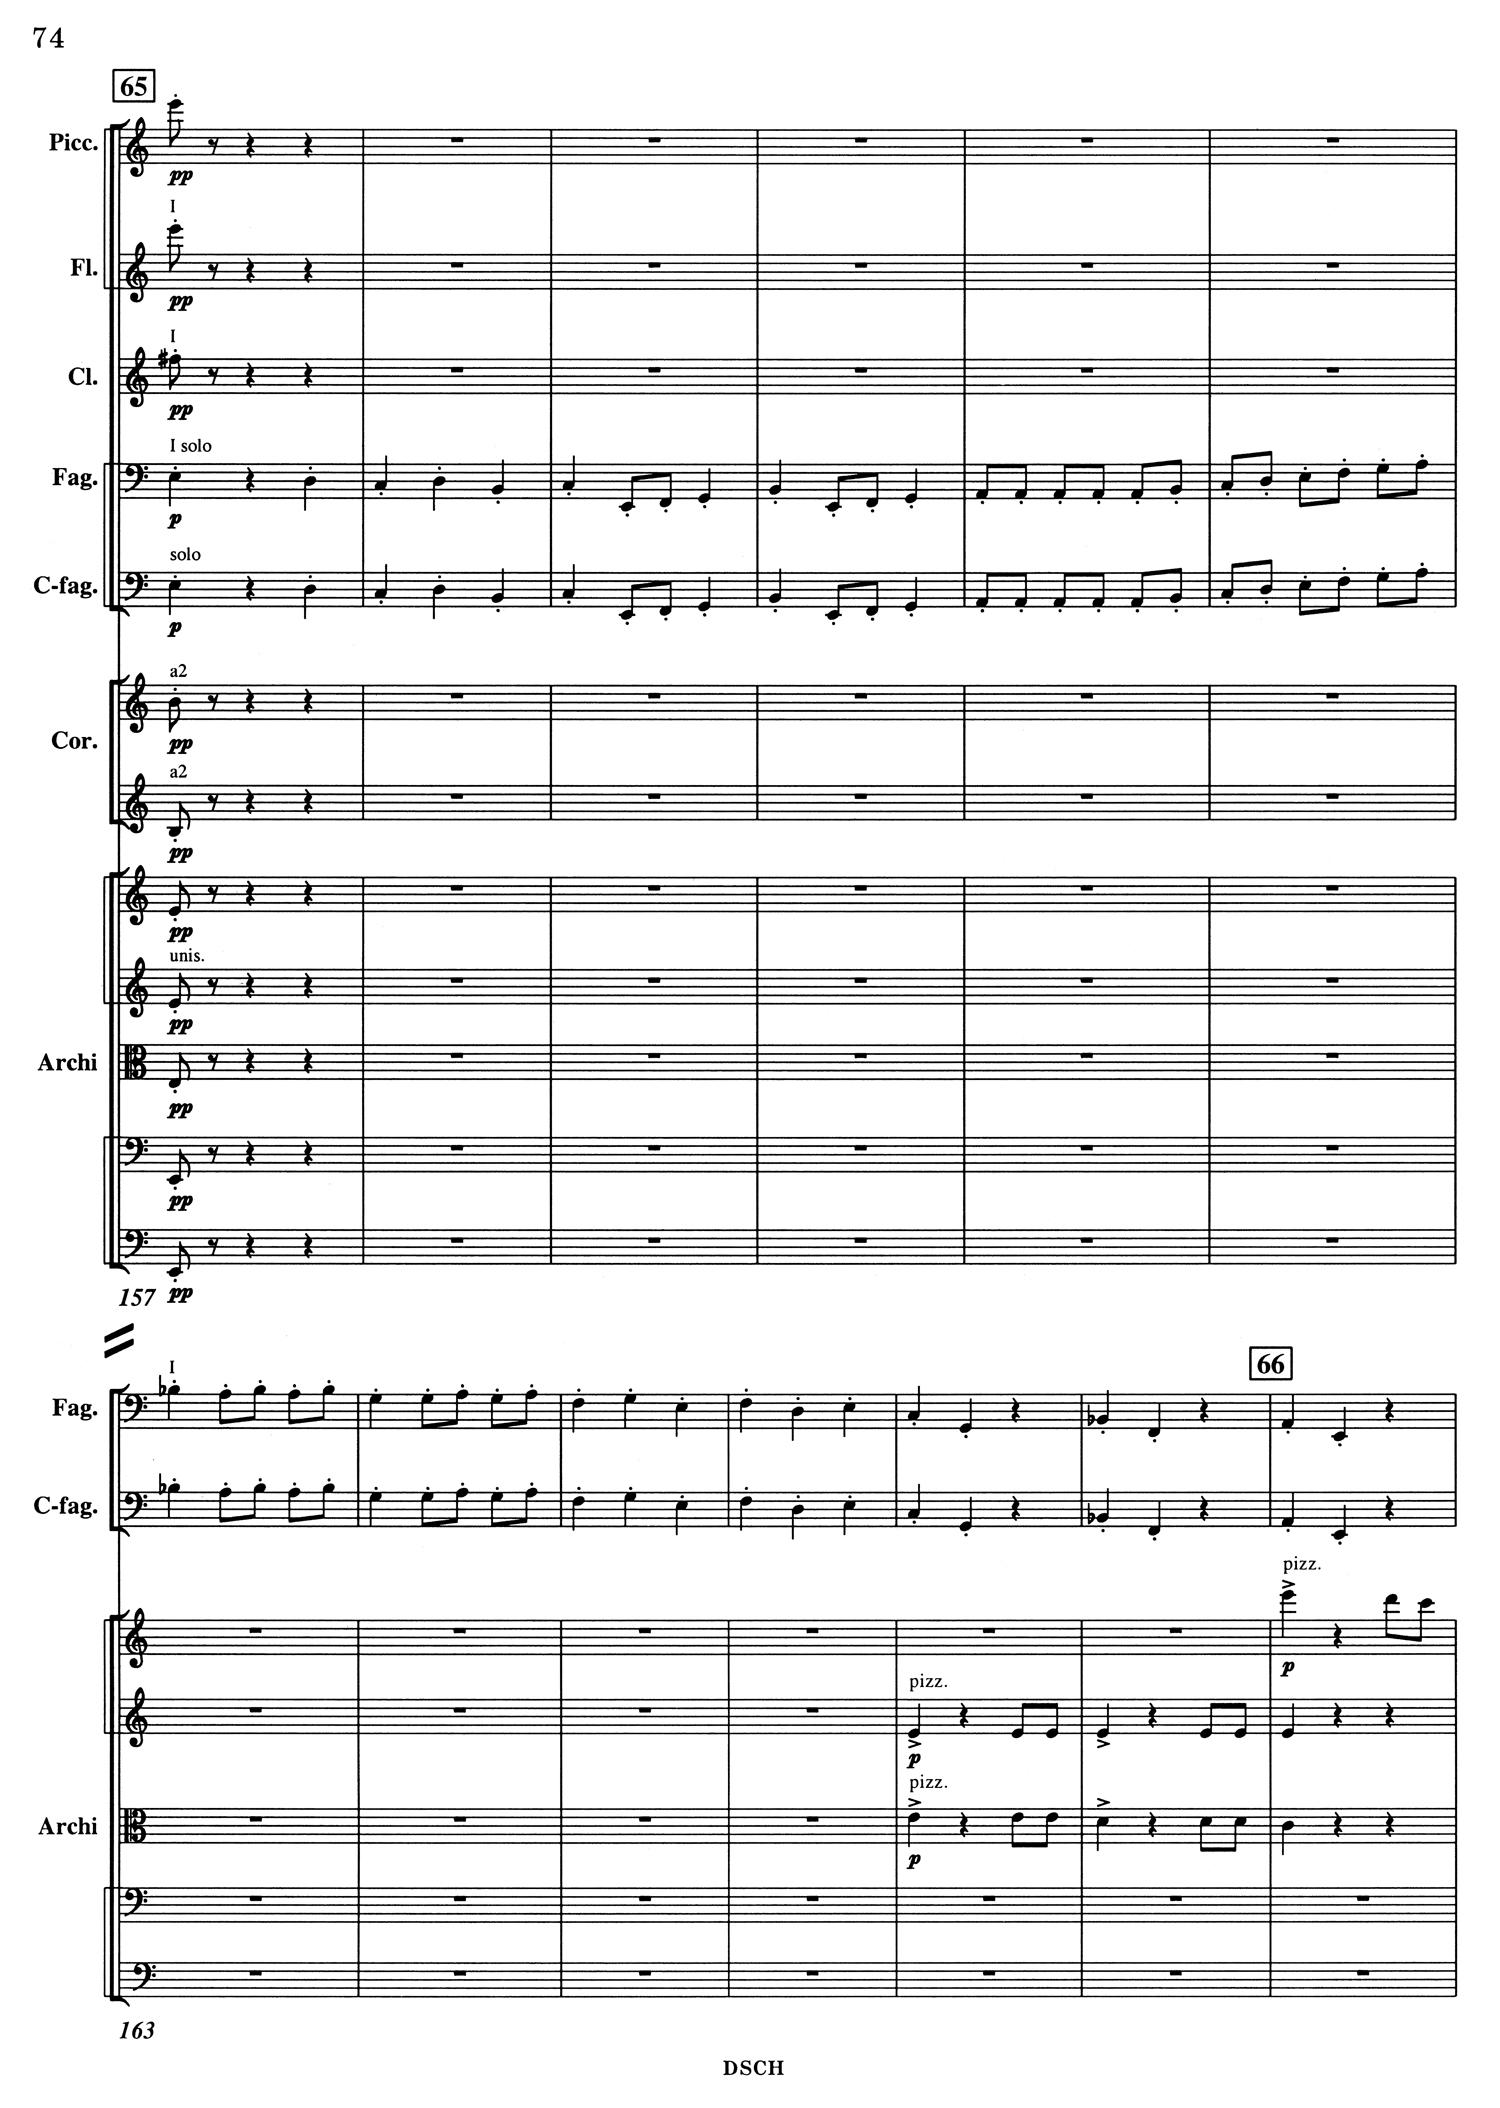 Shostakovich 5 Score 1.jpg